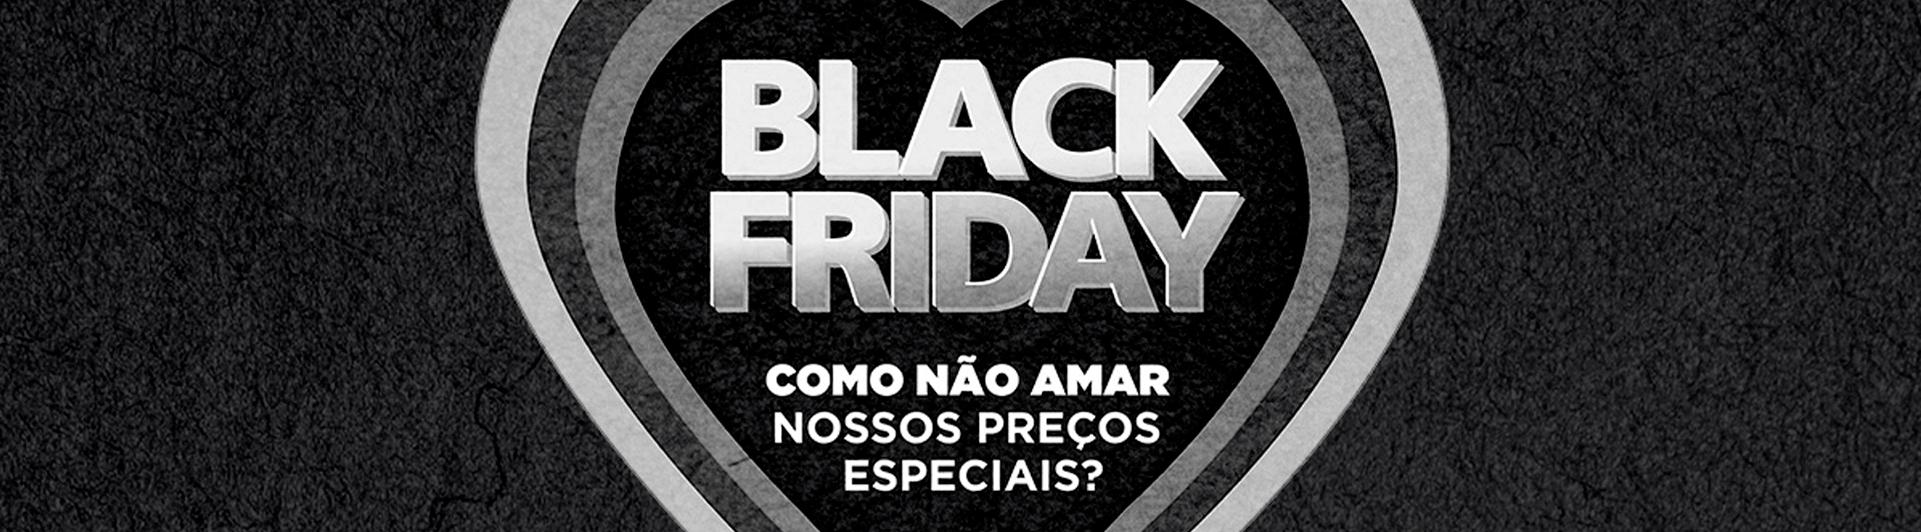 Banner Black Friday Desktop